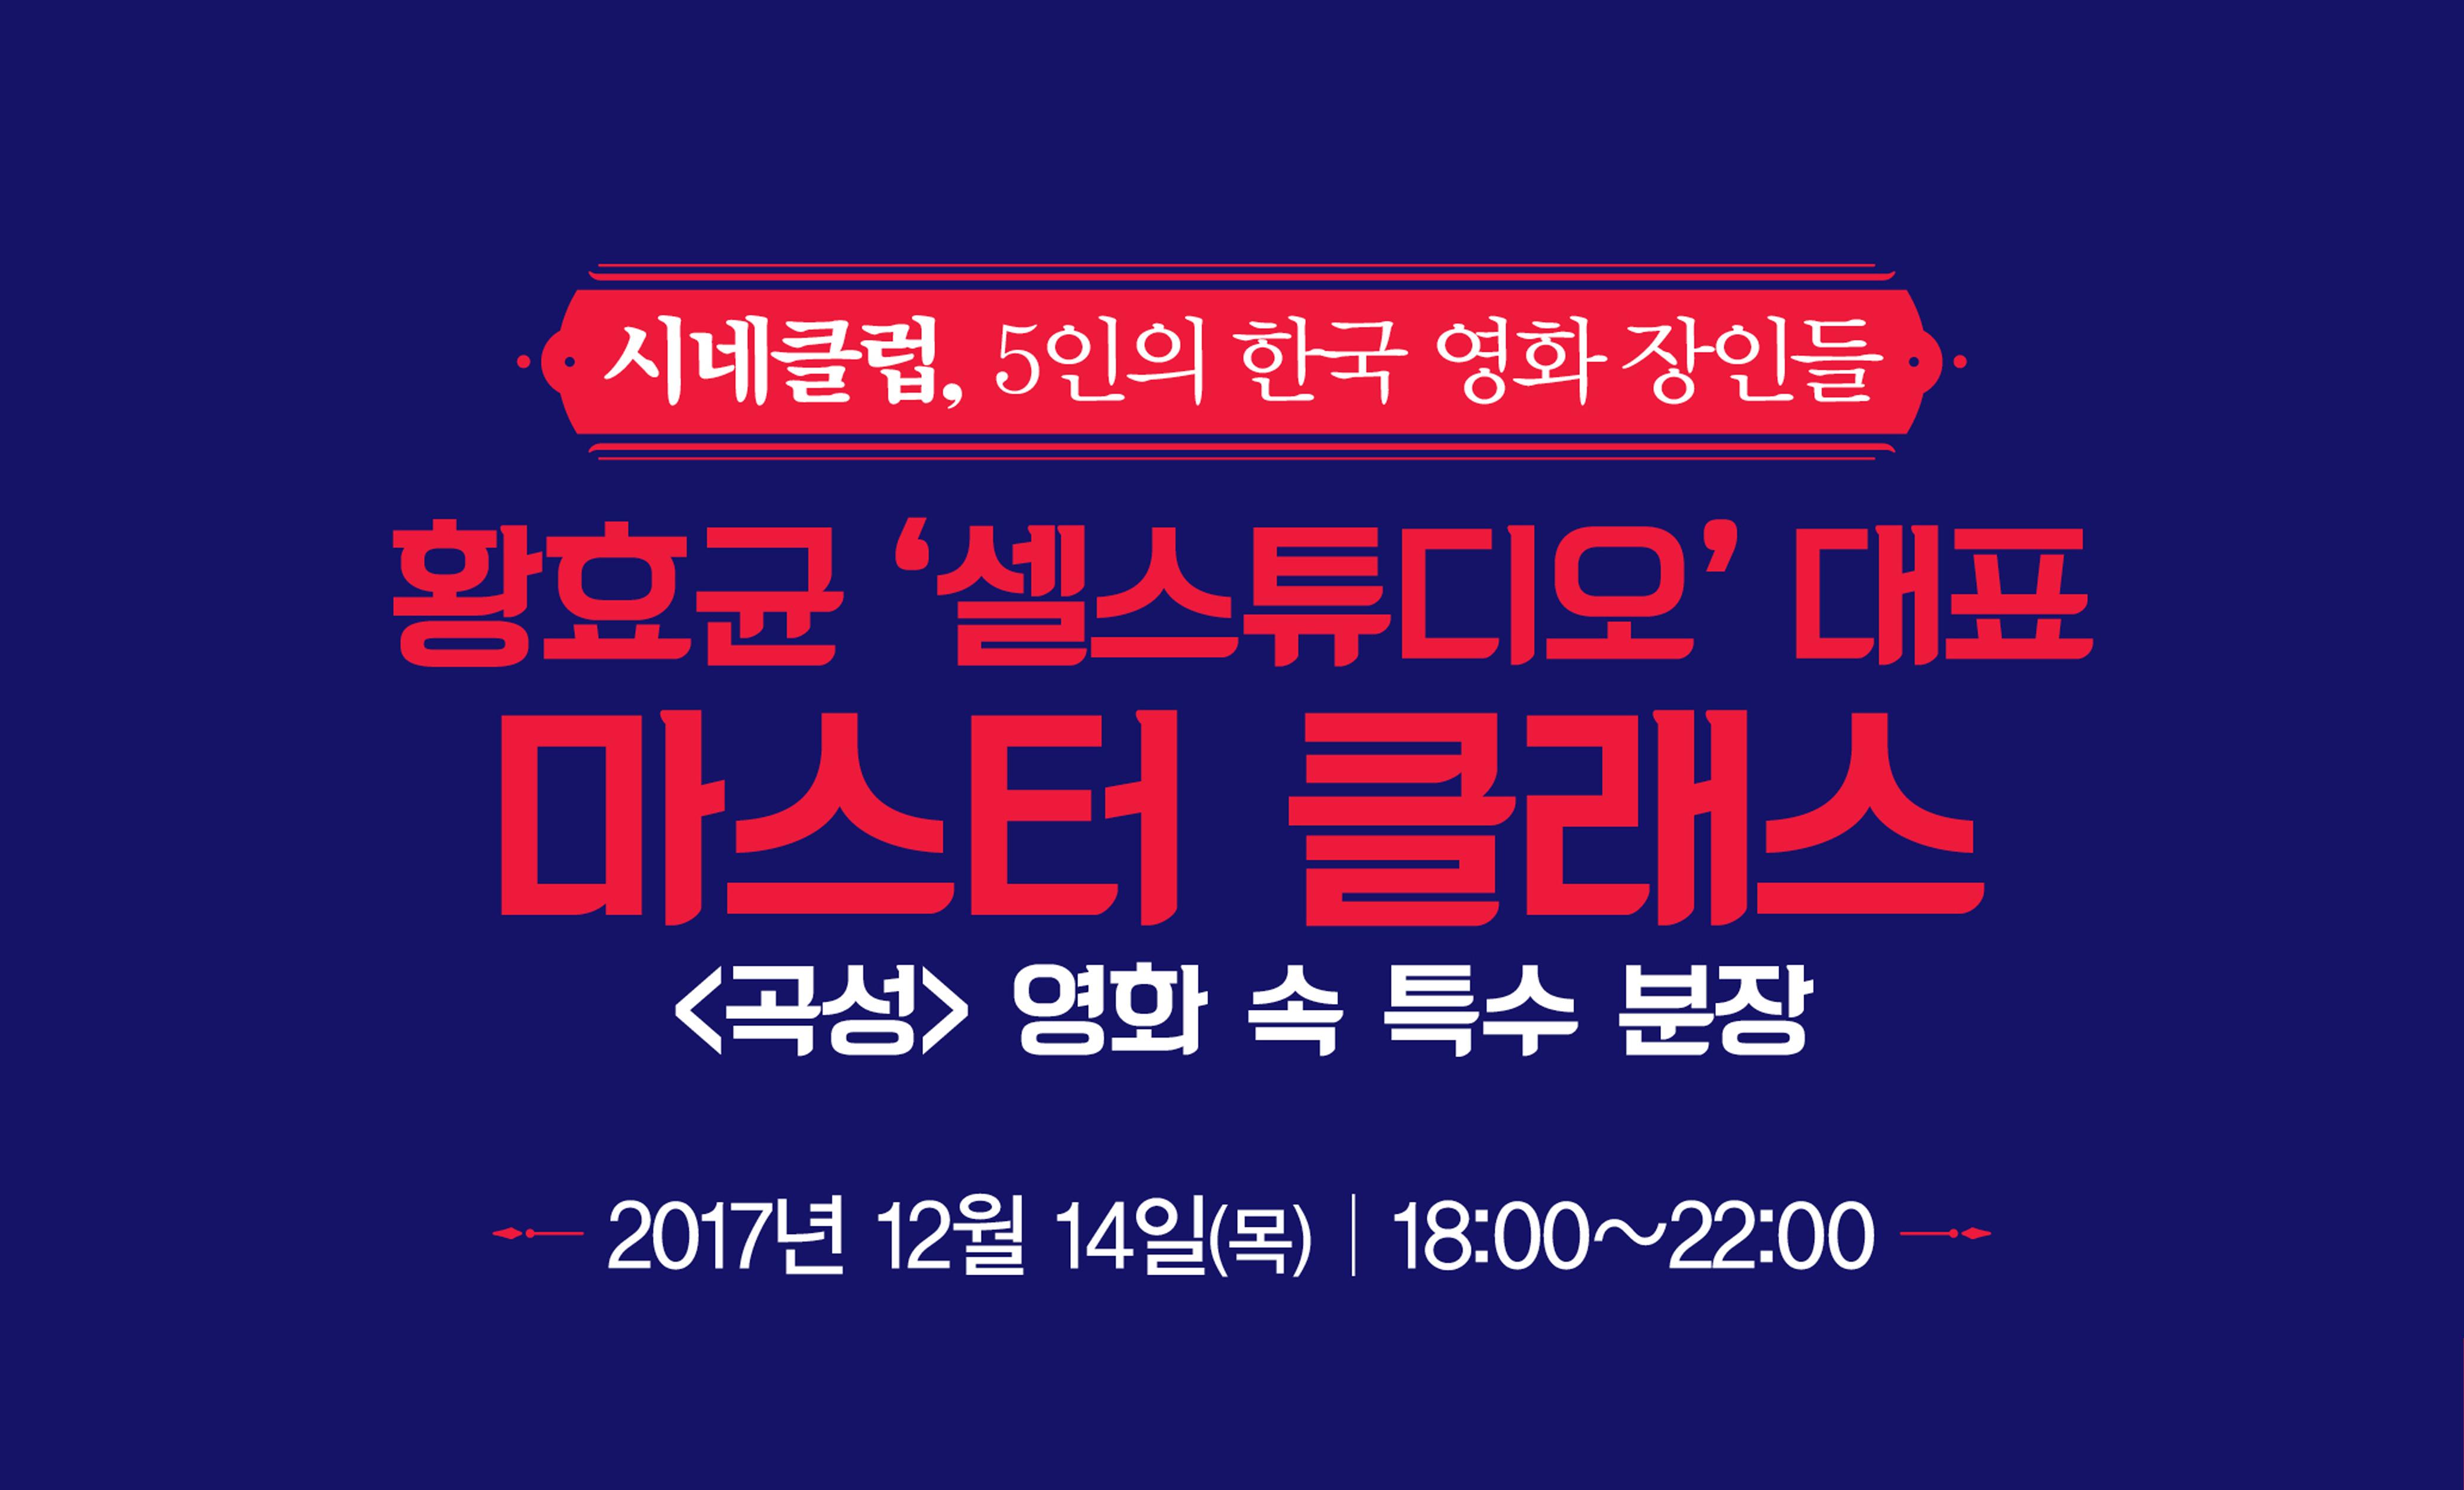 영화영상전문인력양성 황효균 (셀스튜디오 대표)마스터클래스 시네클럽